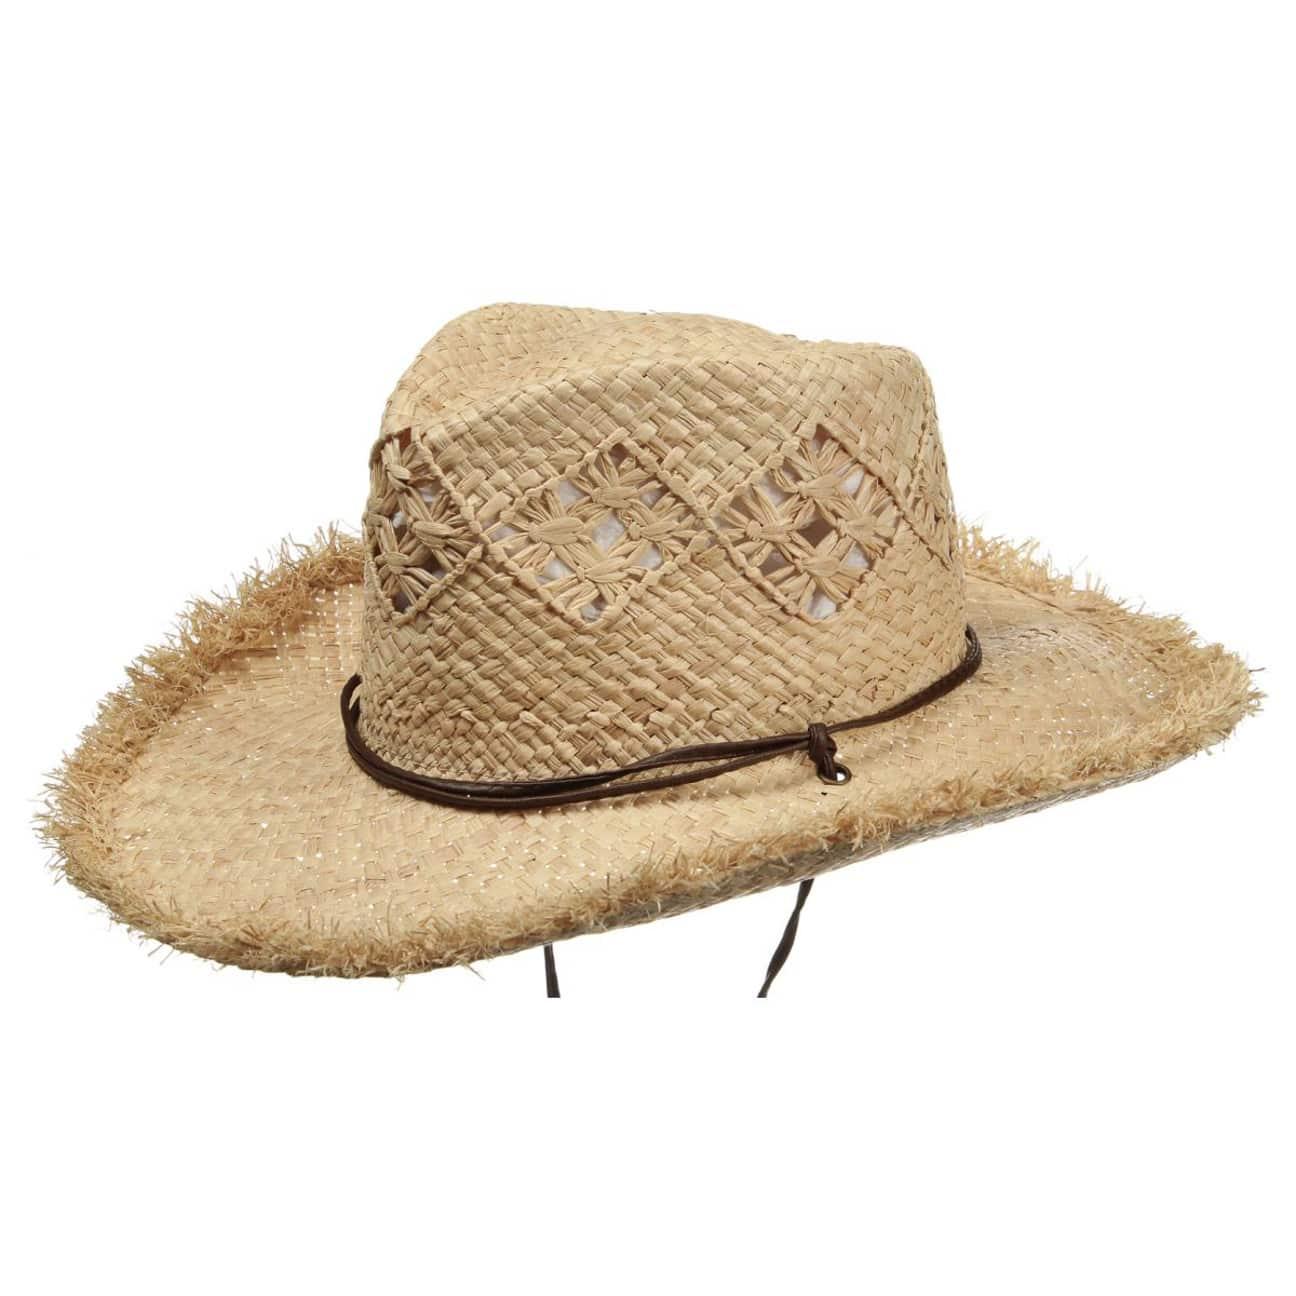 b6740409a1aea Sombrero de Paja Cowboy Mujer by Seeberger - Sombreros - sombreroshop.es